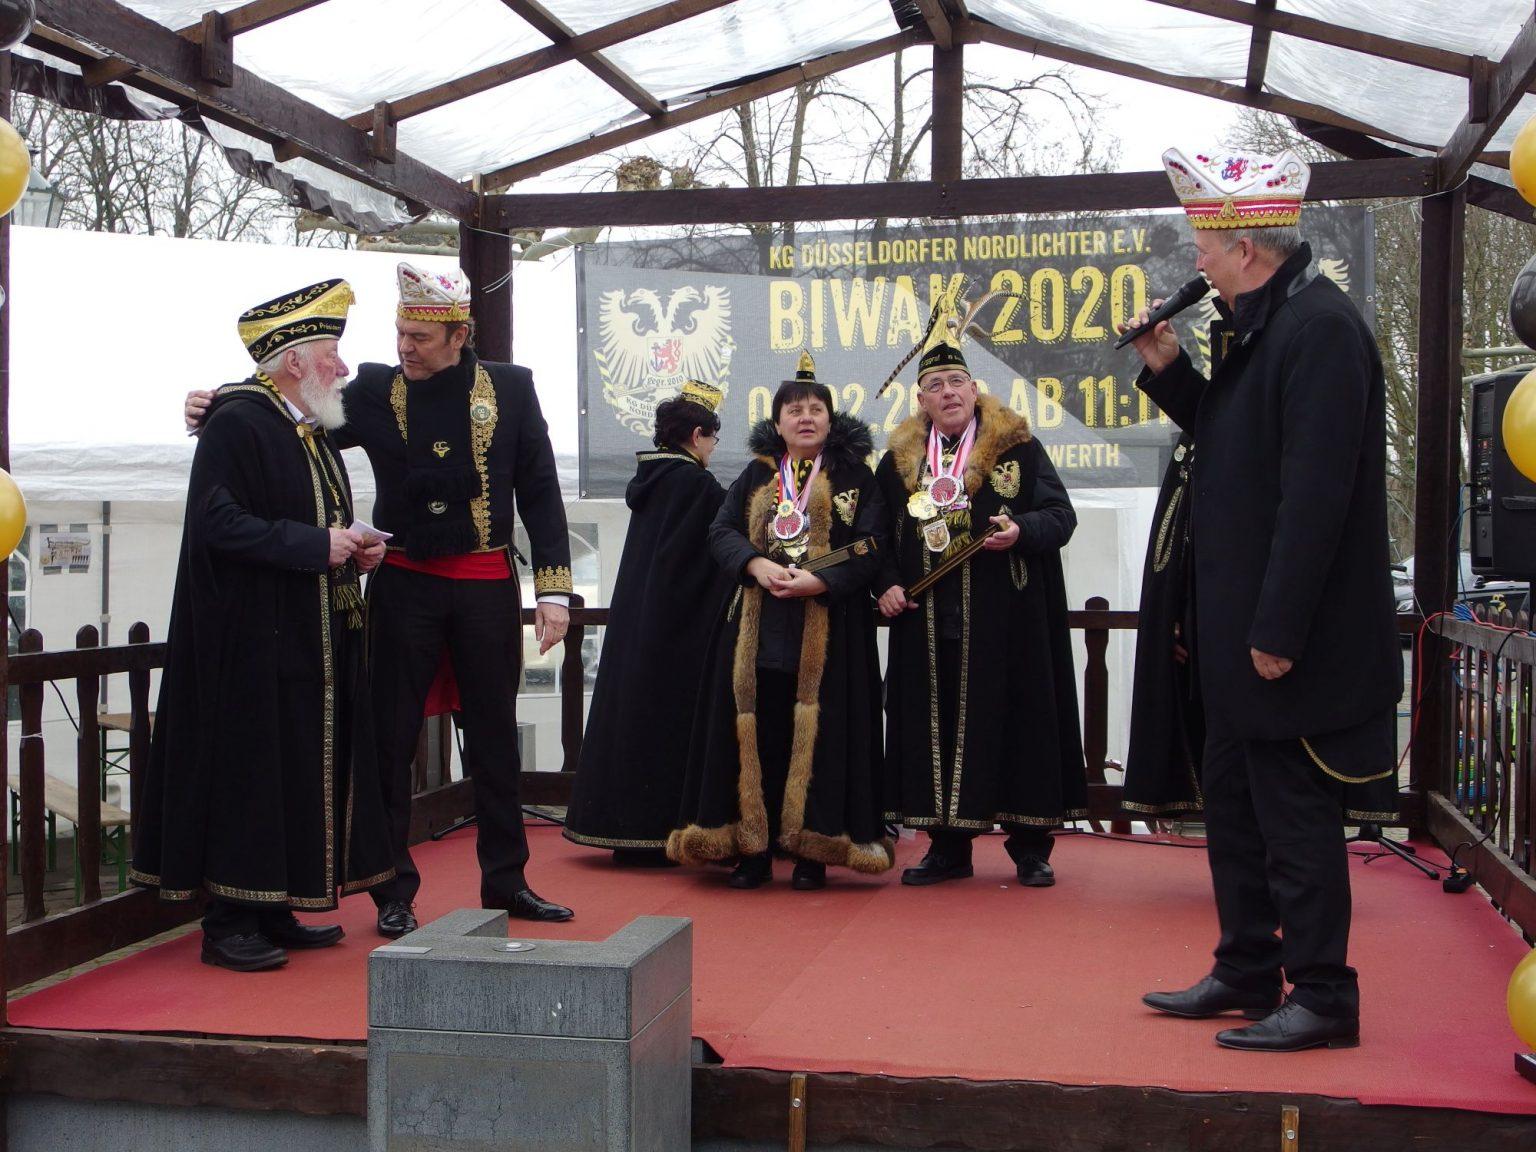 Vertreter des Carneval Committe begrüßen und beglückwünschen den Präsidenten der Nordlichter Heinz Gaul (links) und das Burggrafenpaar Werner und Paula. Fotos: SO